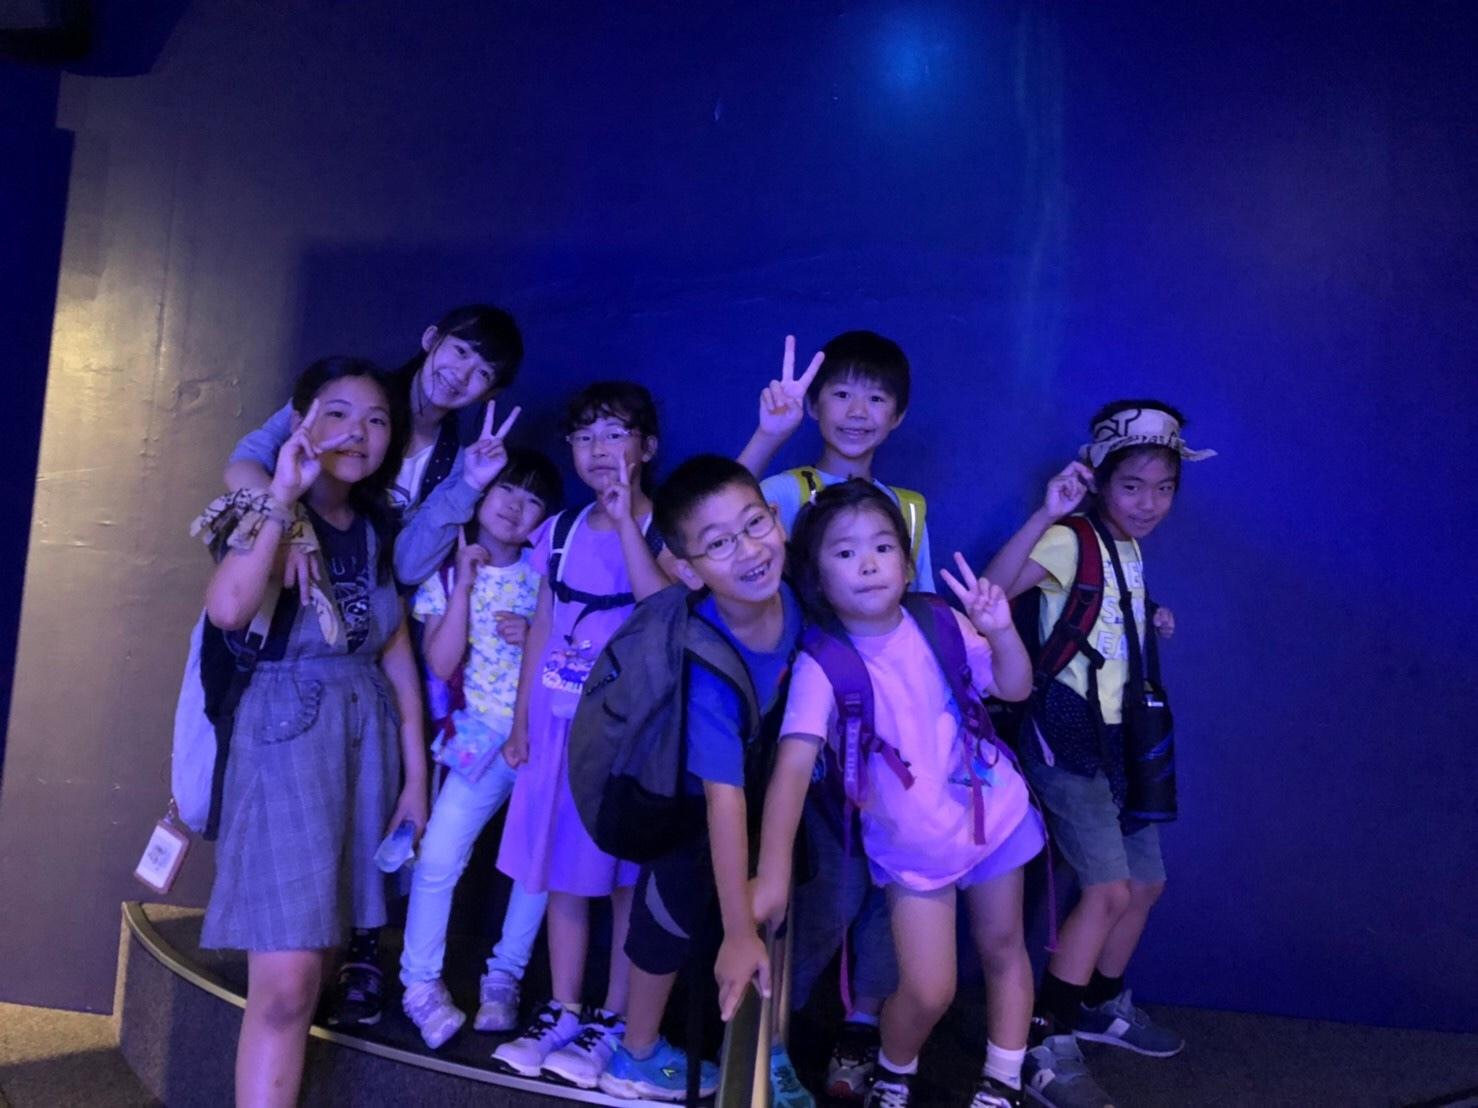 新江ノ島水族館・ドッチボール大会_e0131910_09522112.jpg